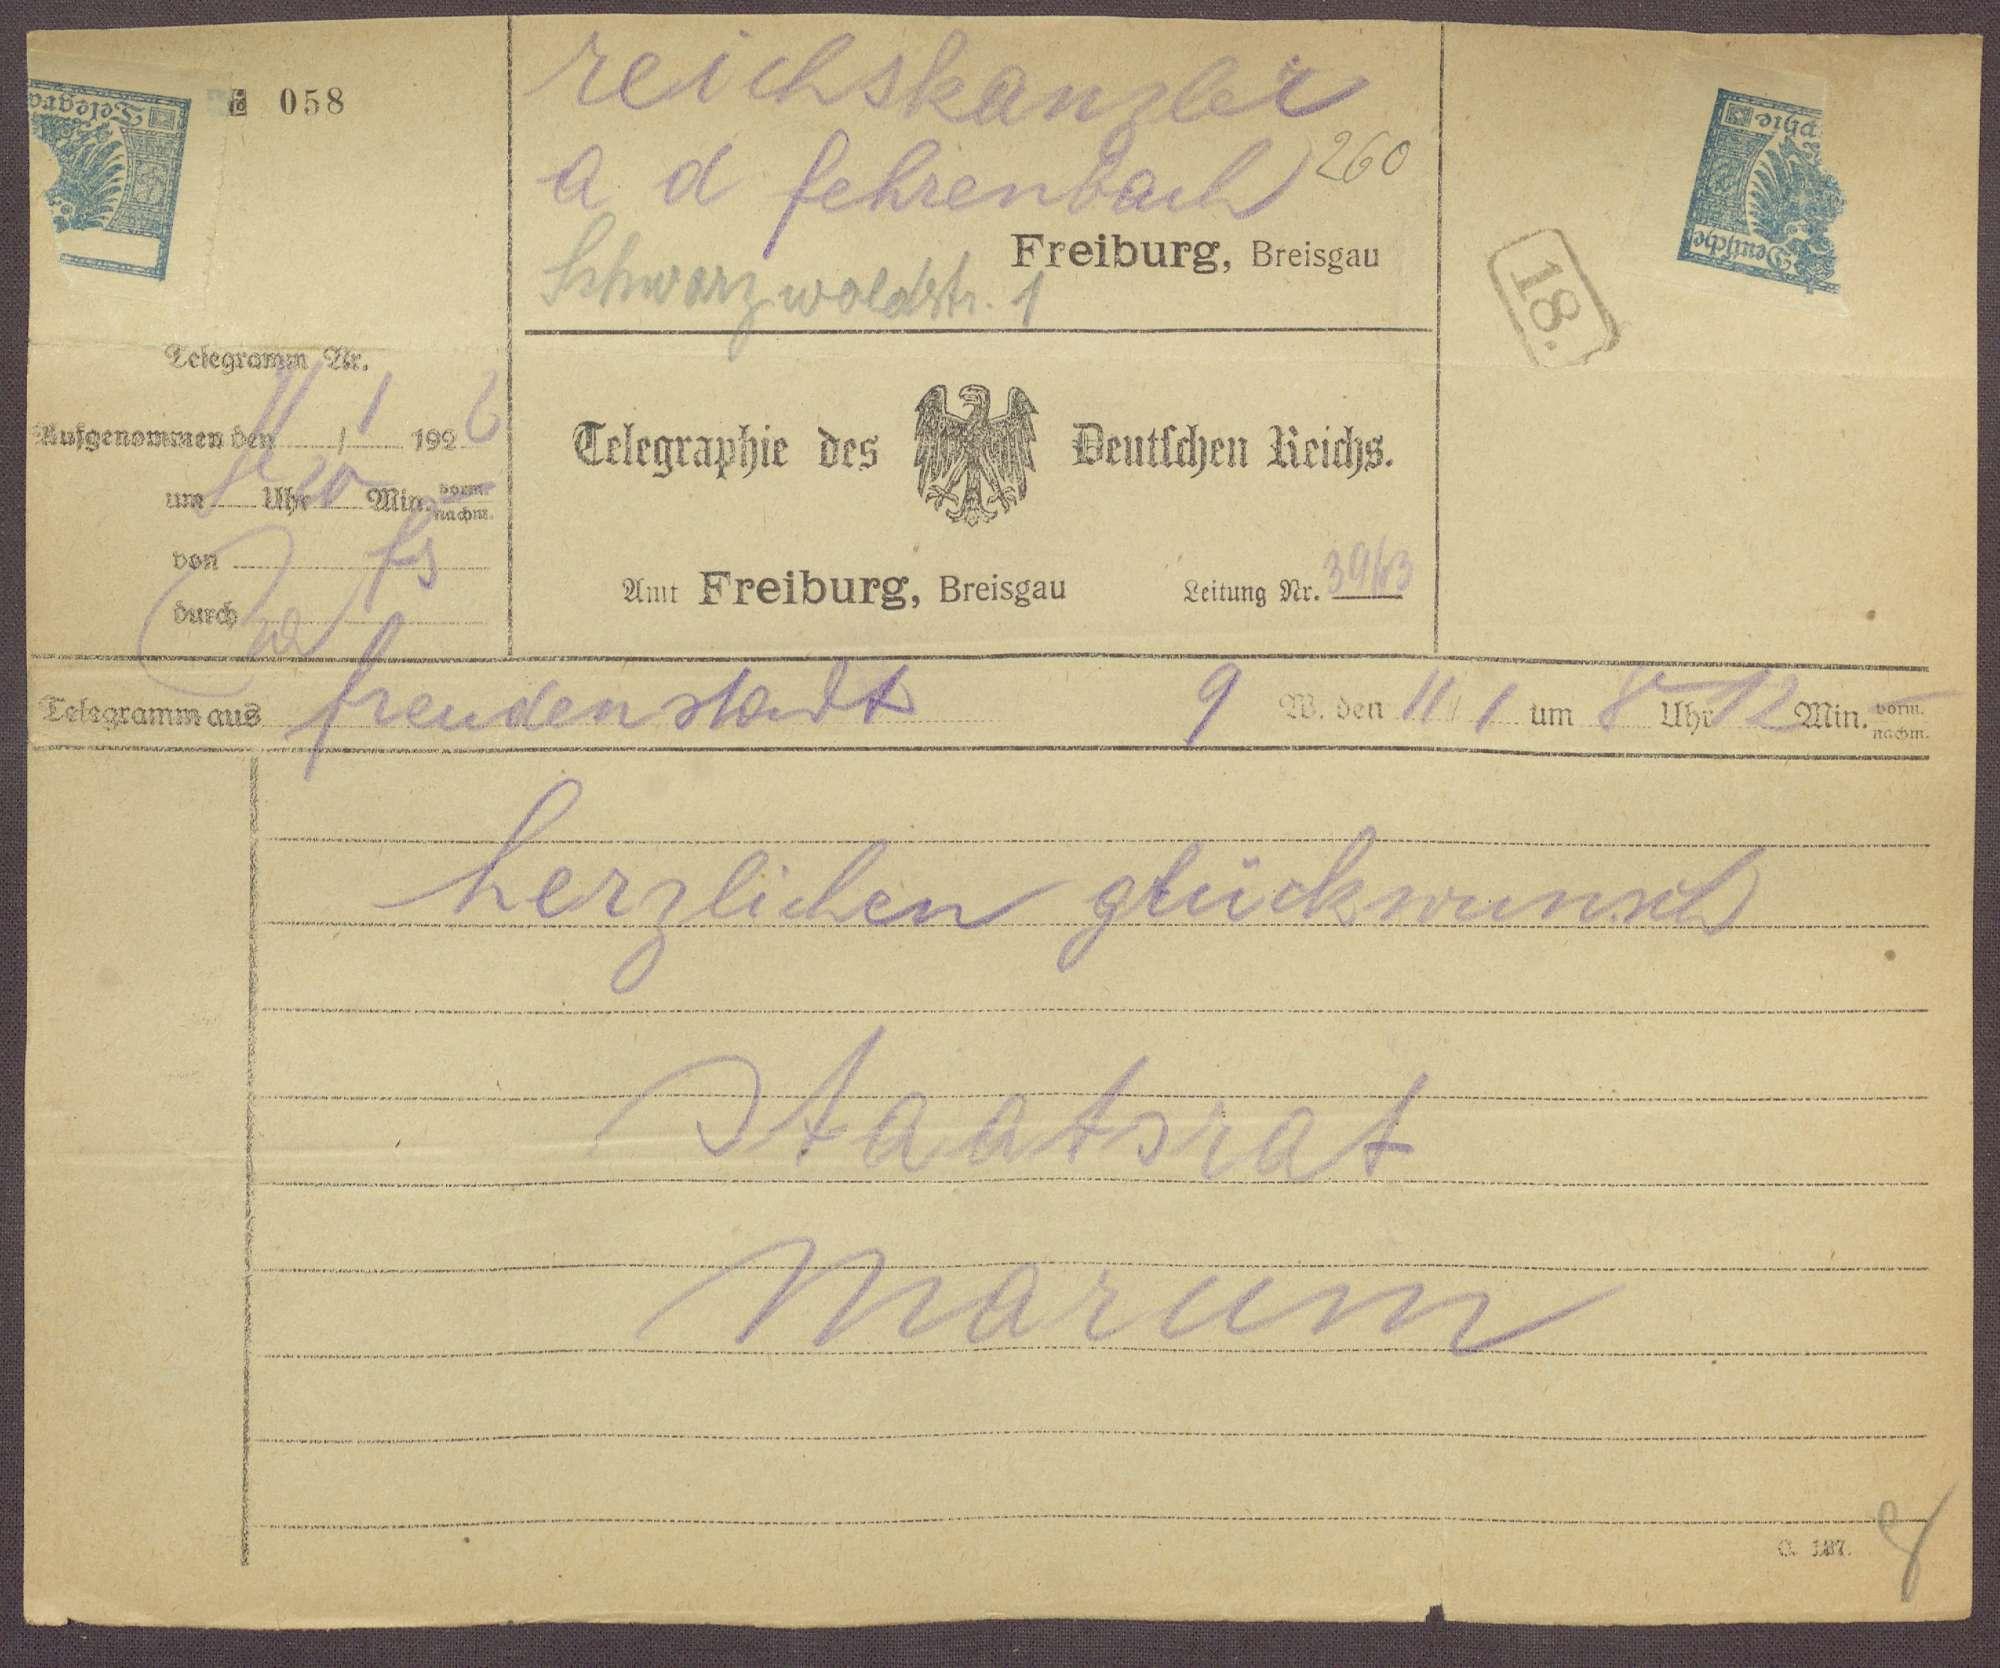 Glückwunschtelegramm zum 70. Geburtstag für Constantin Fehrenbach von Luwig Marum, Freudenstadt, Bild 1